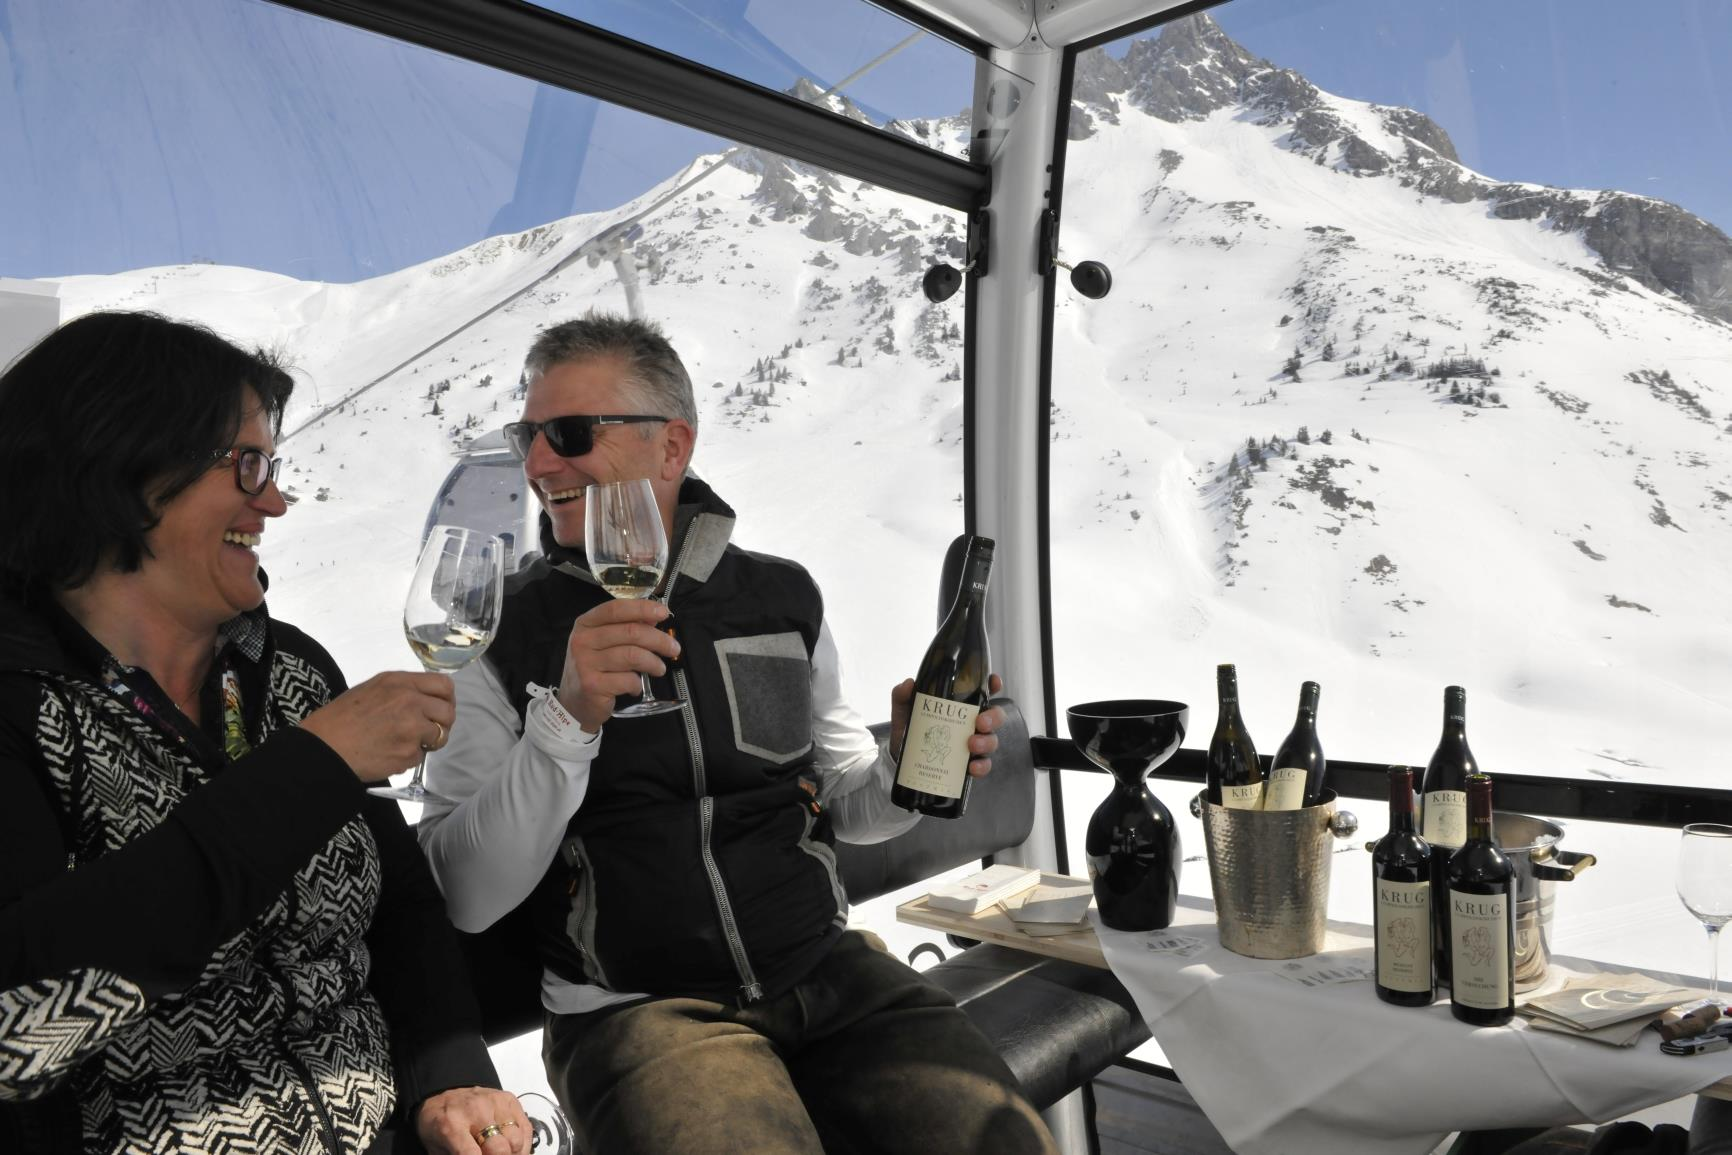 Mats_Lech_Winter_Alpenquartier